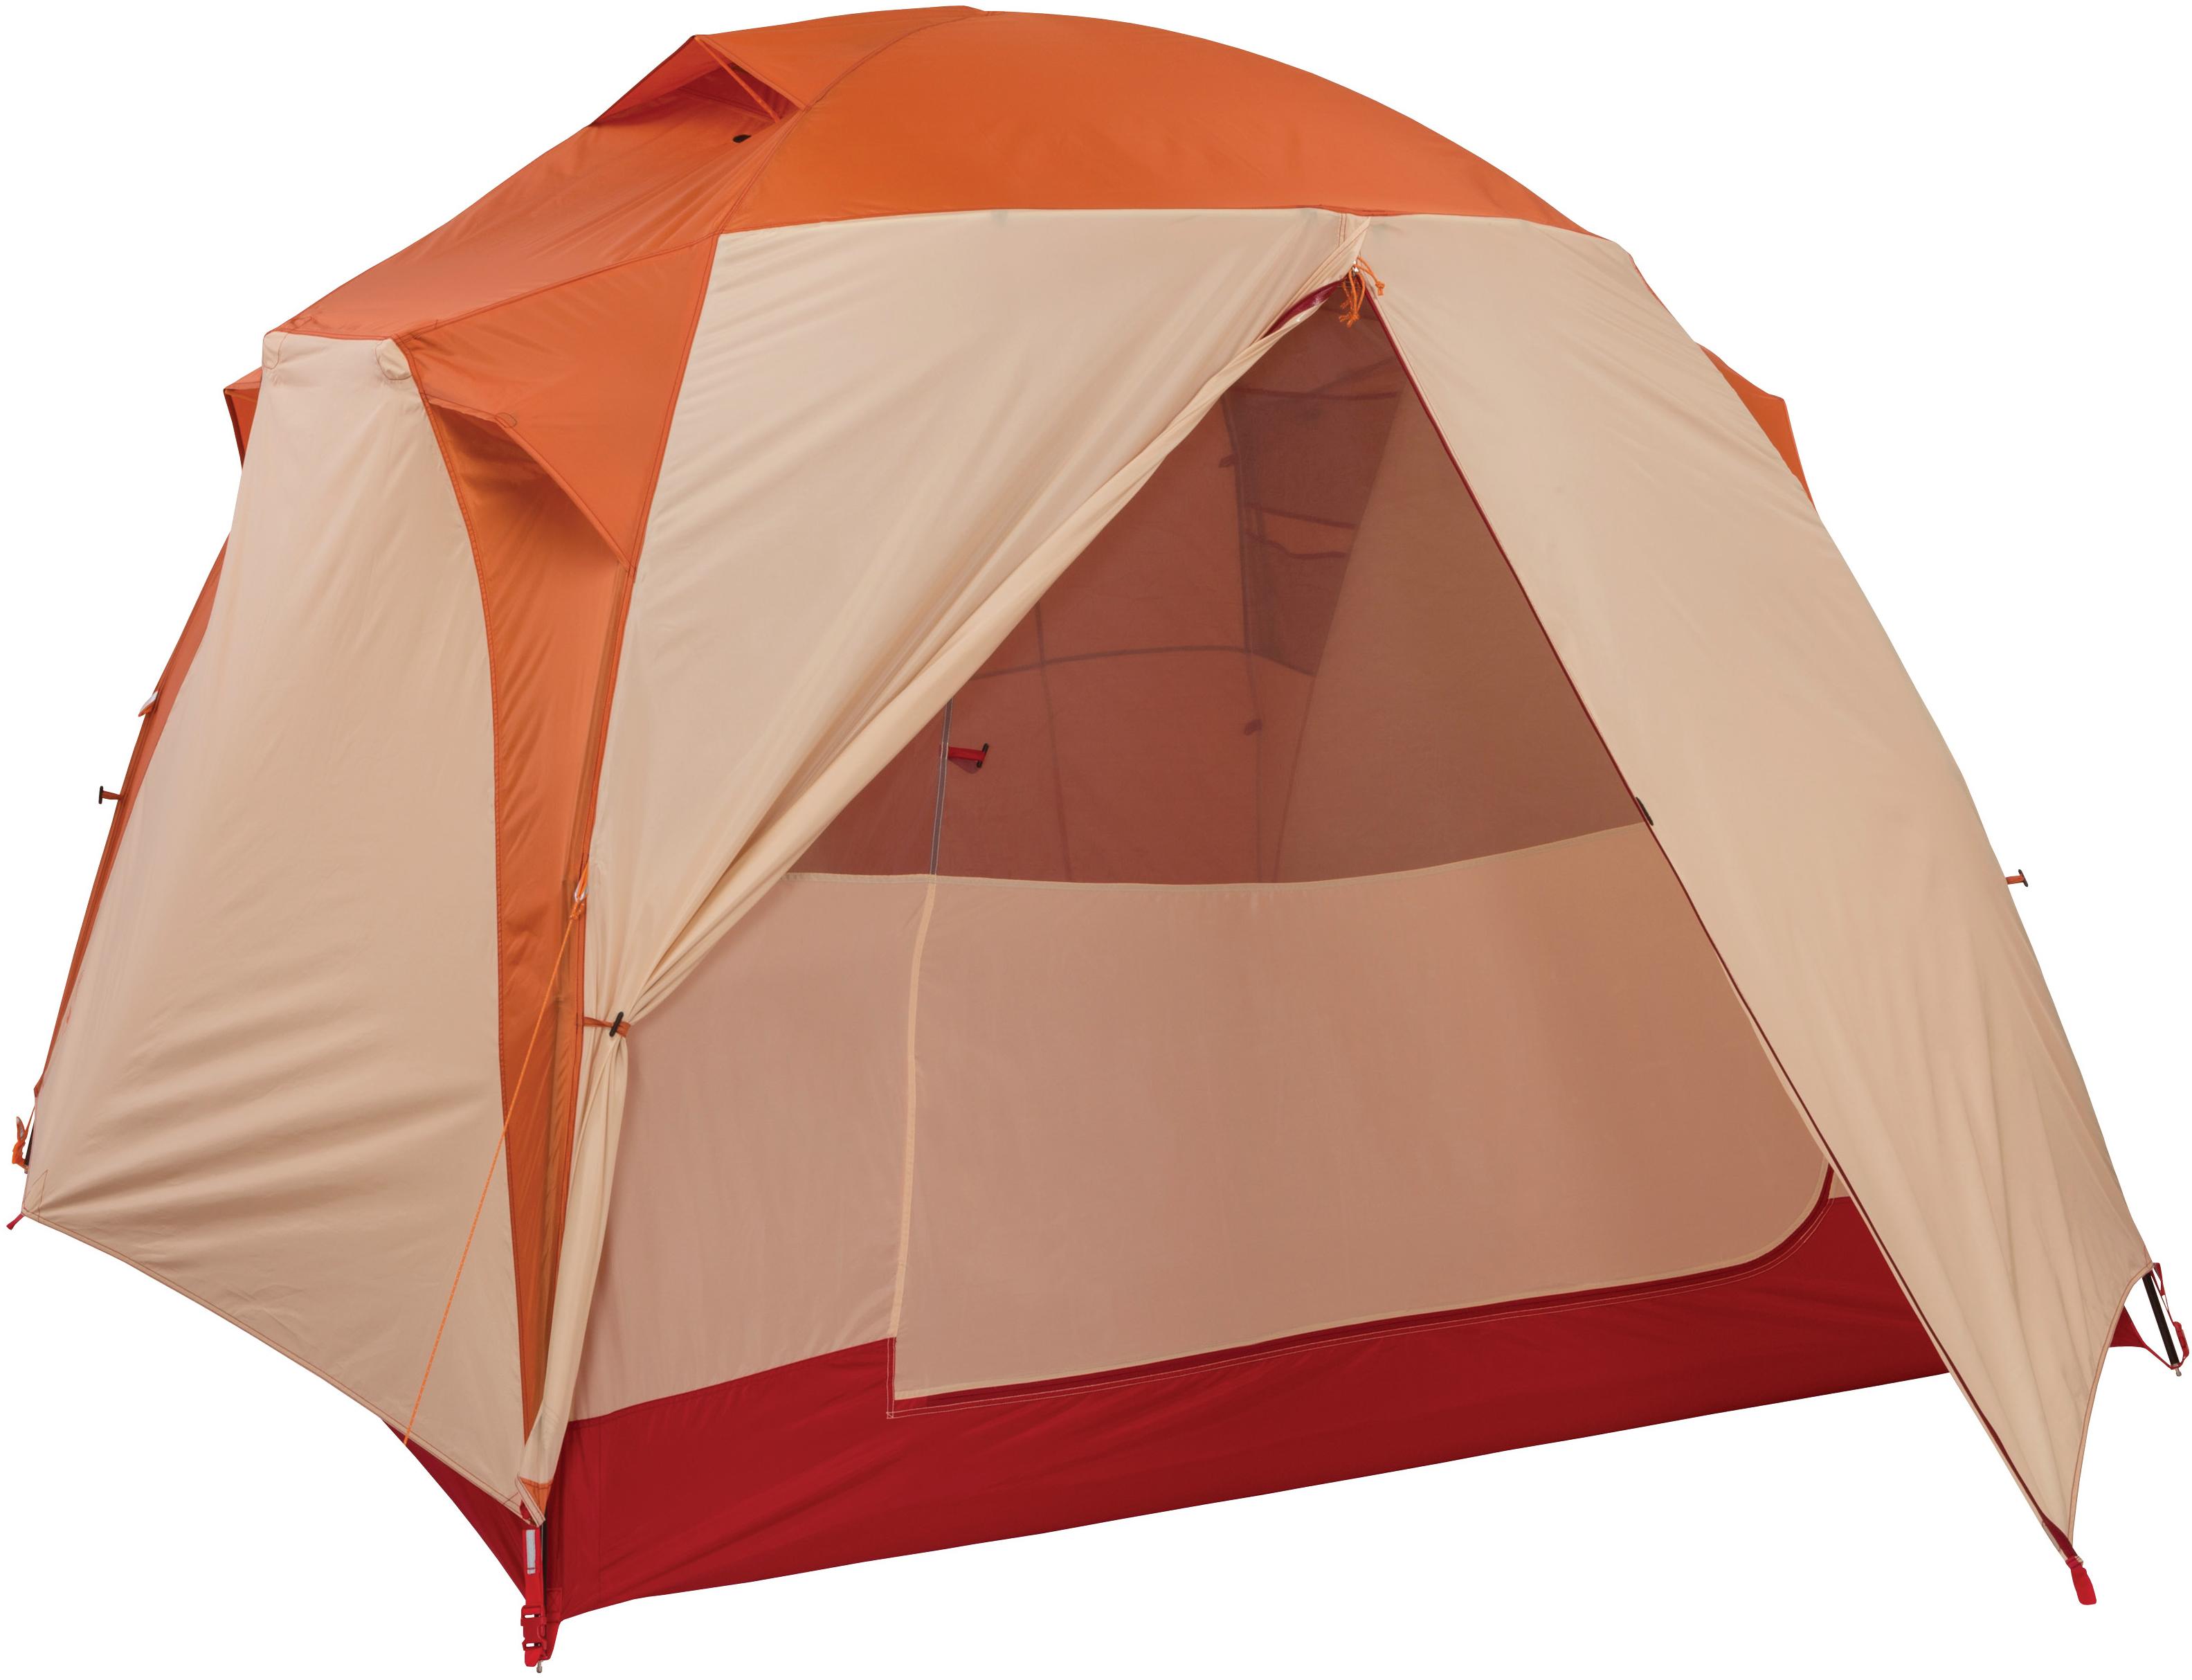 sc 1 st  MEC & Big Agnes Chimney Creek 6 mtnGLO Tent